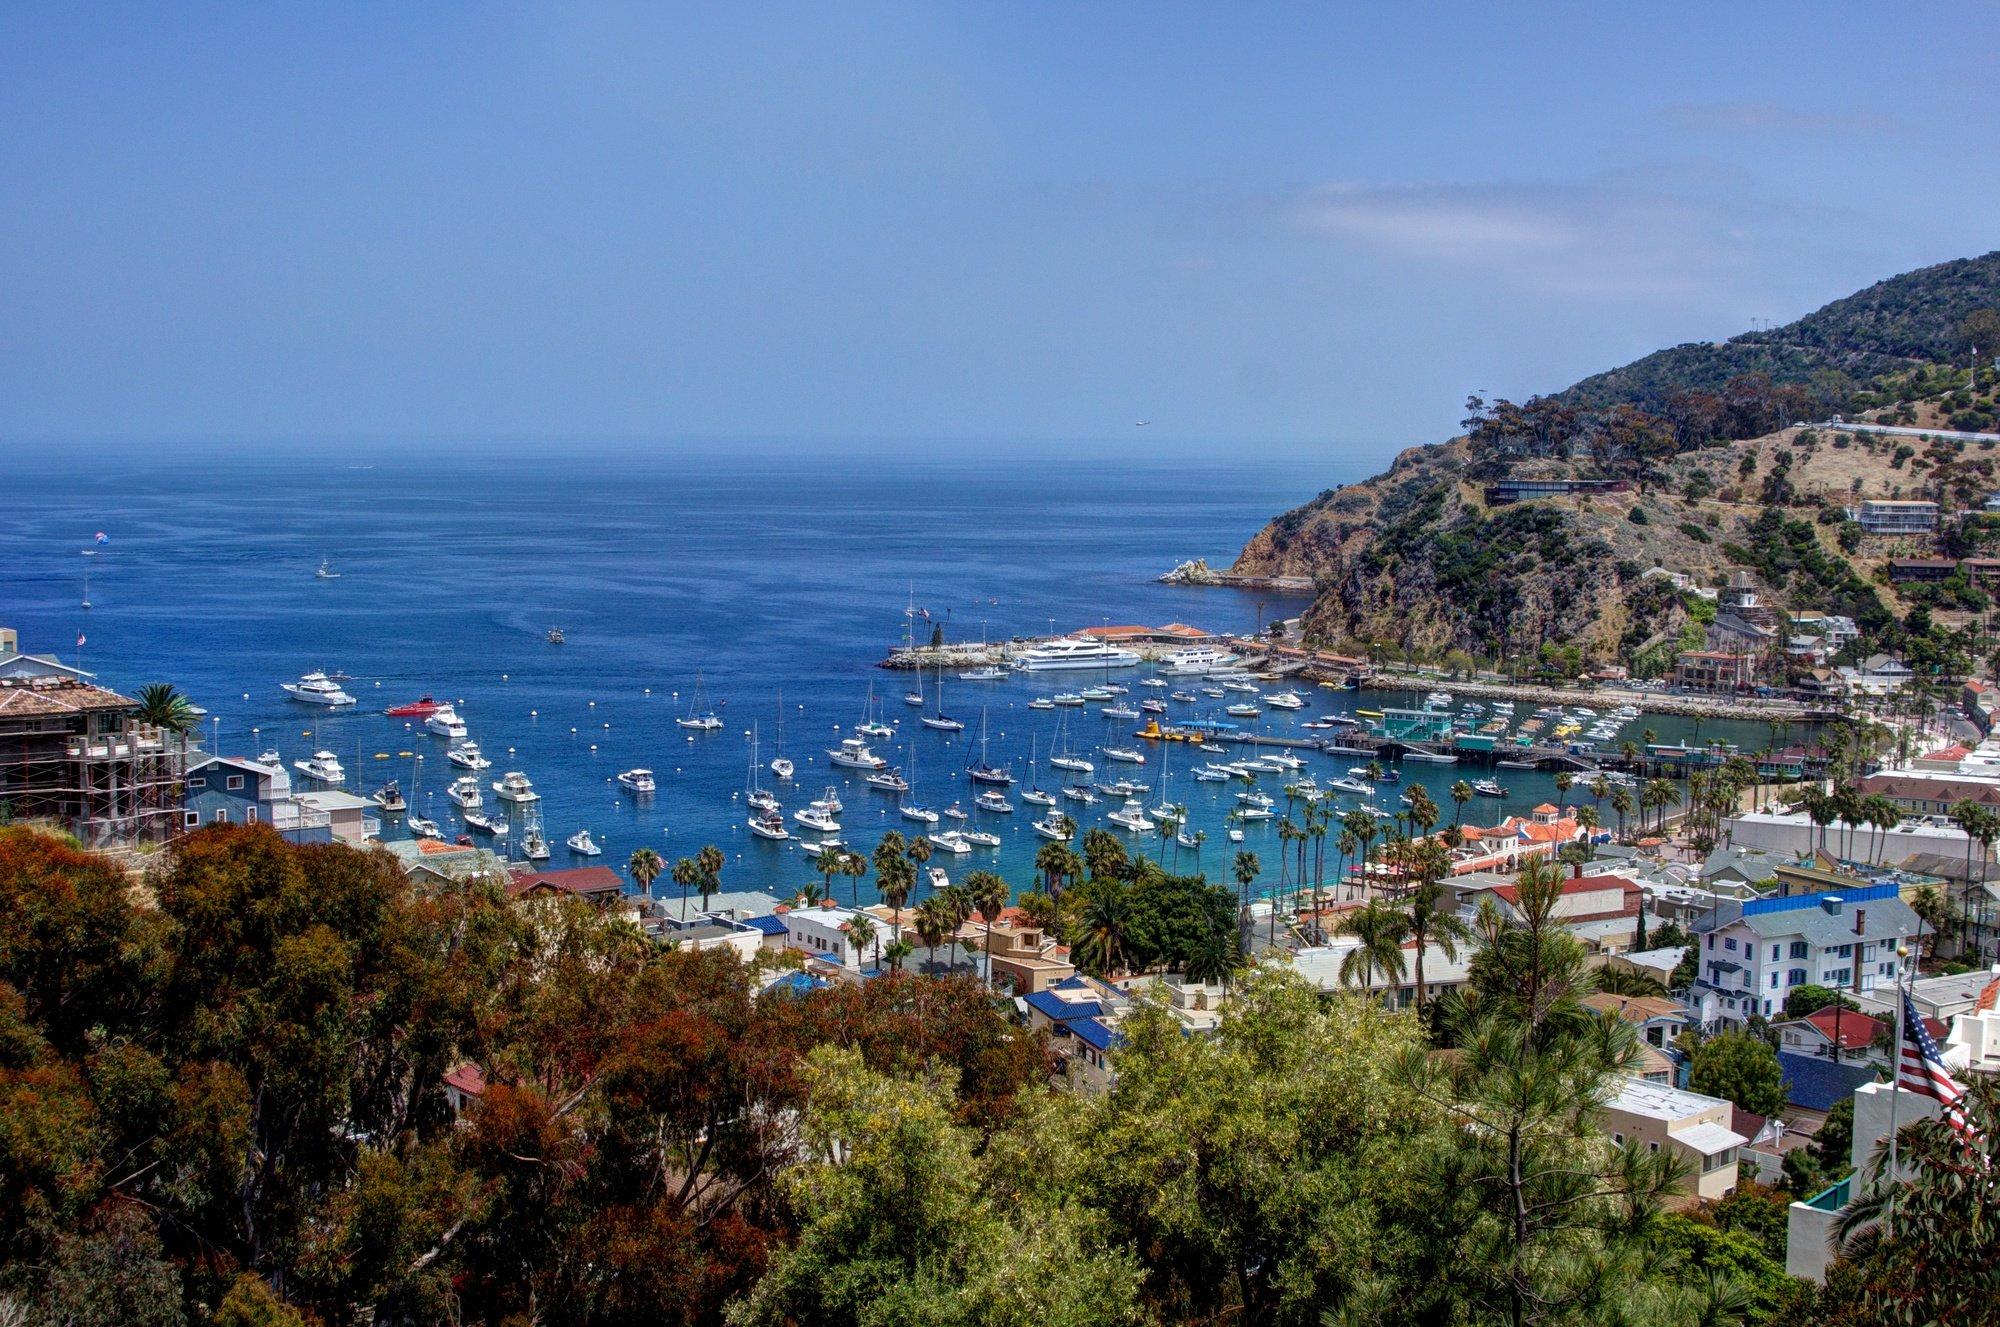 Avalon Harbor on Catalina Island